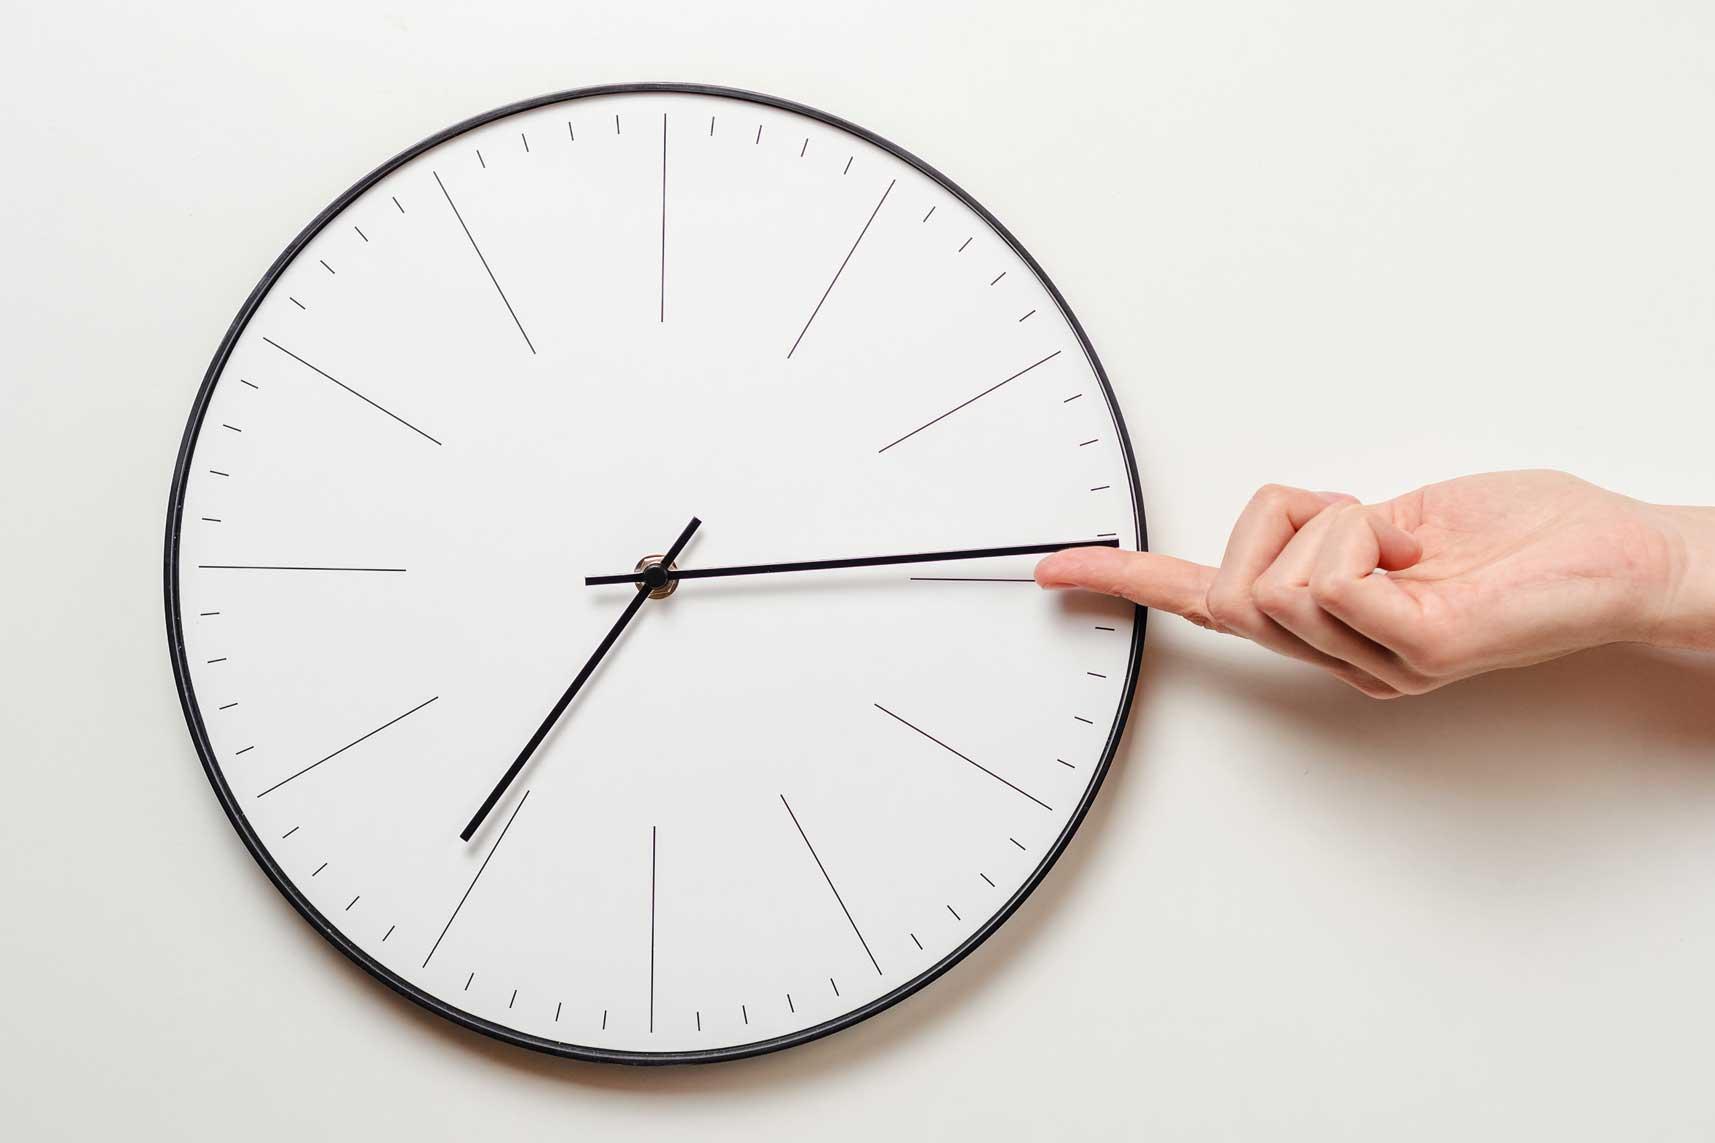 Nahaufnahme einer Wanduhr. Eine Hand ragt von links ins Bild und hält den Minutenzeiger fest.